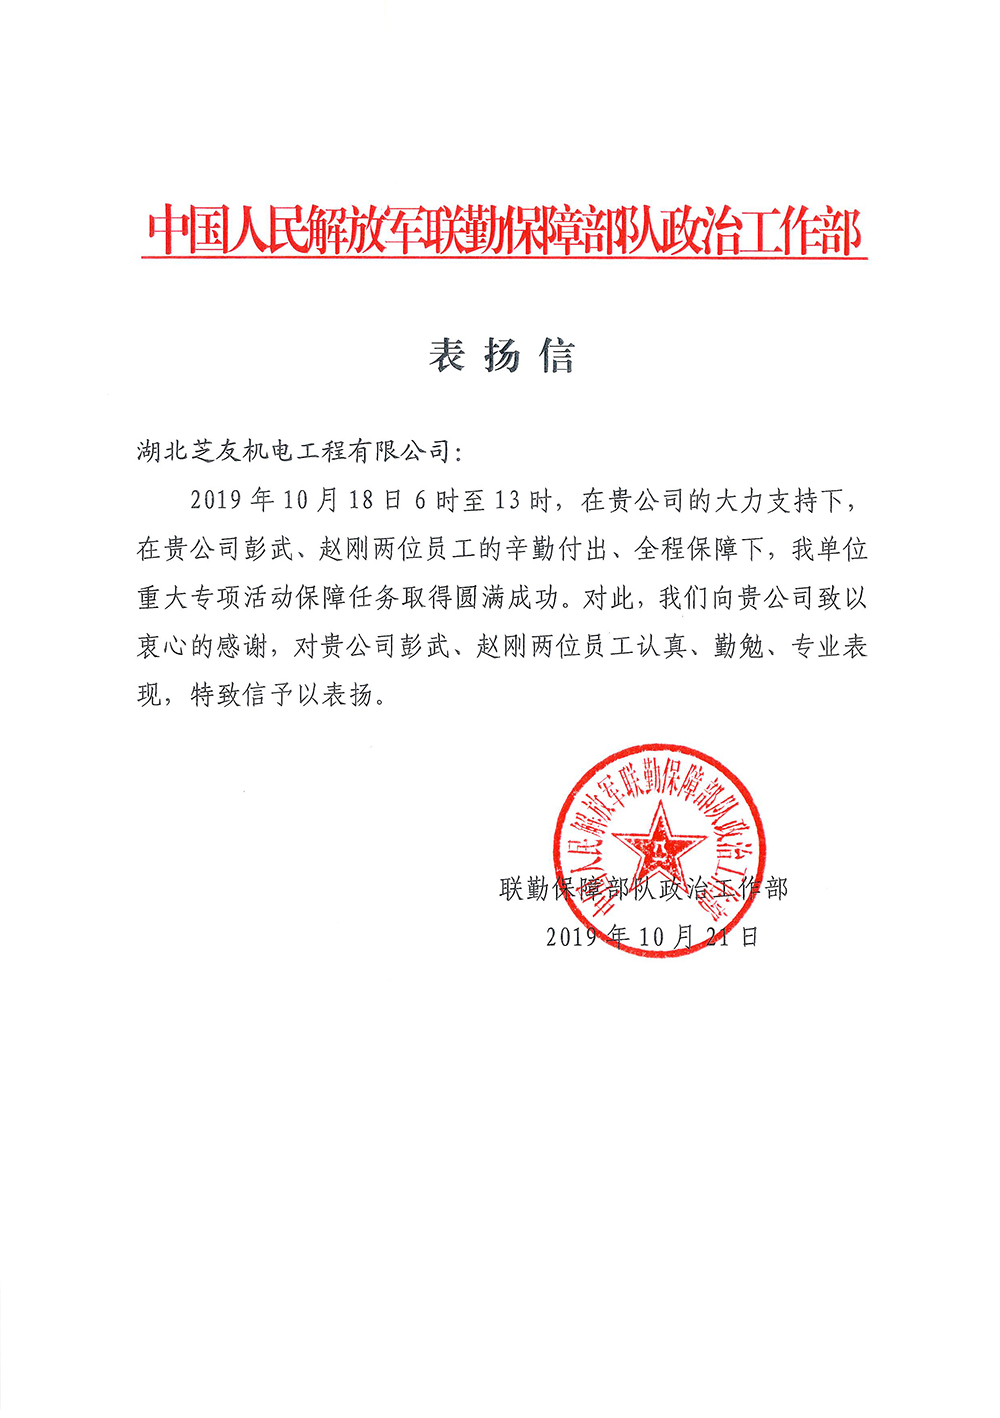 聯勤保障部隊軍運會表揚信